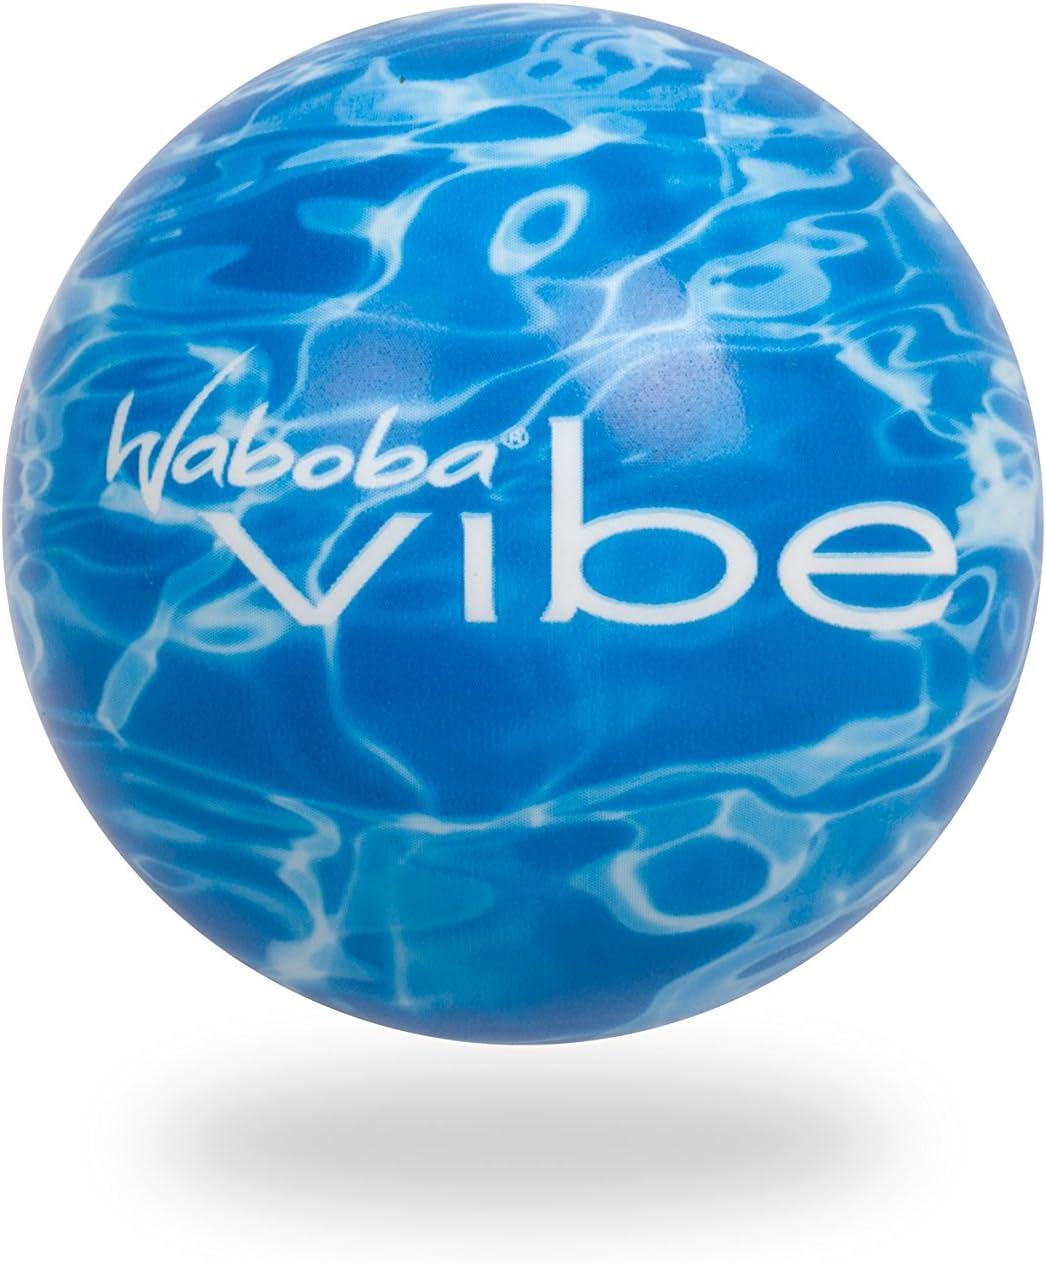 Waboba – Pelota acuática Vibe, colores variados , color/modelo ...